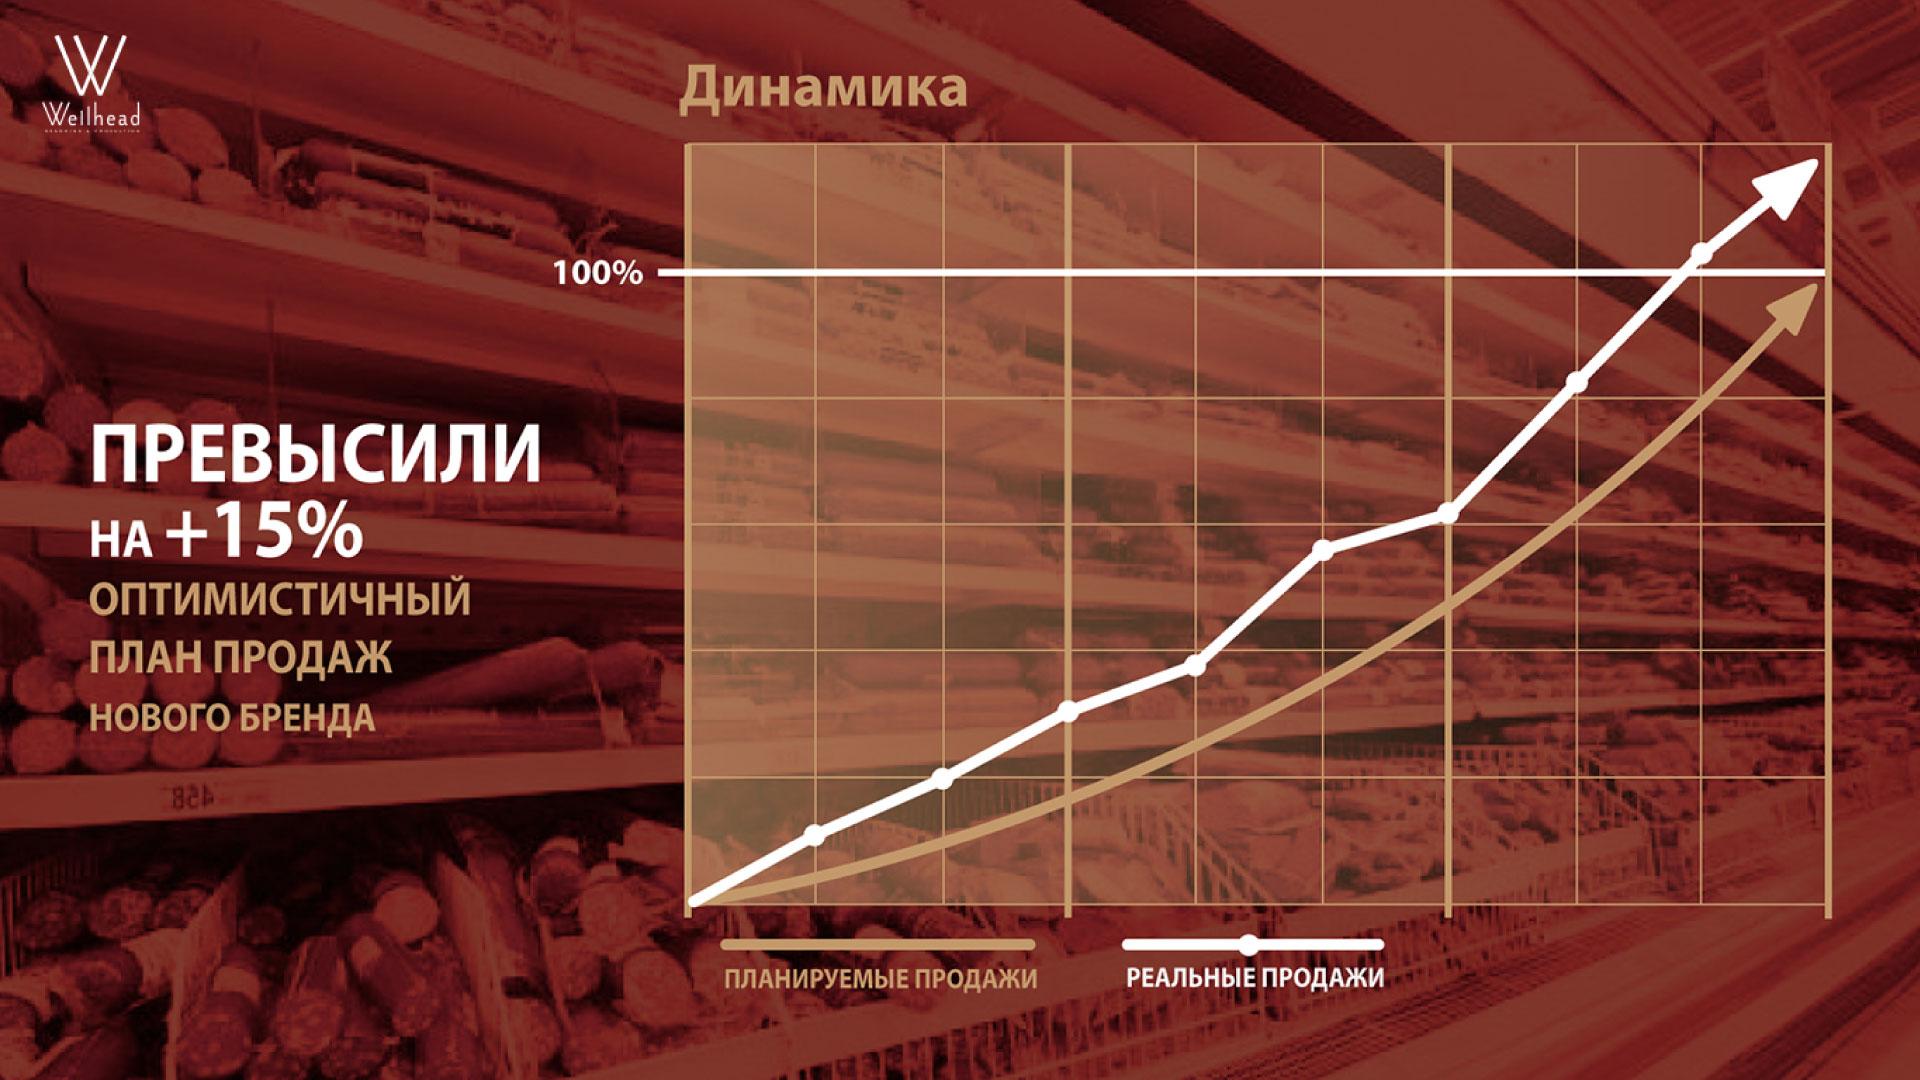 Динамика продаж нового бренда колбасных изделий